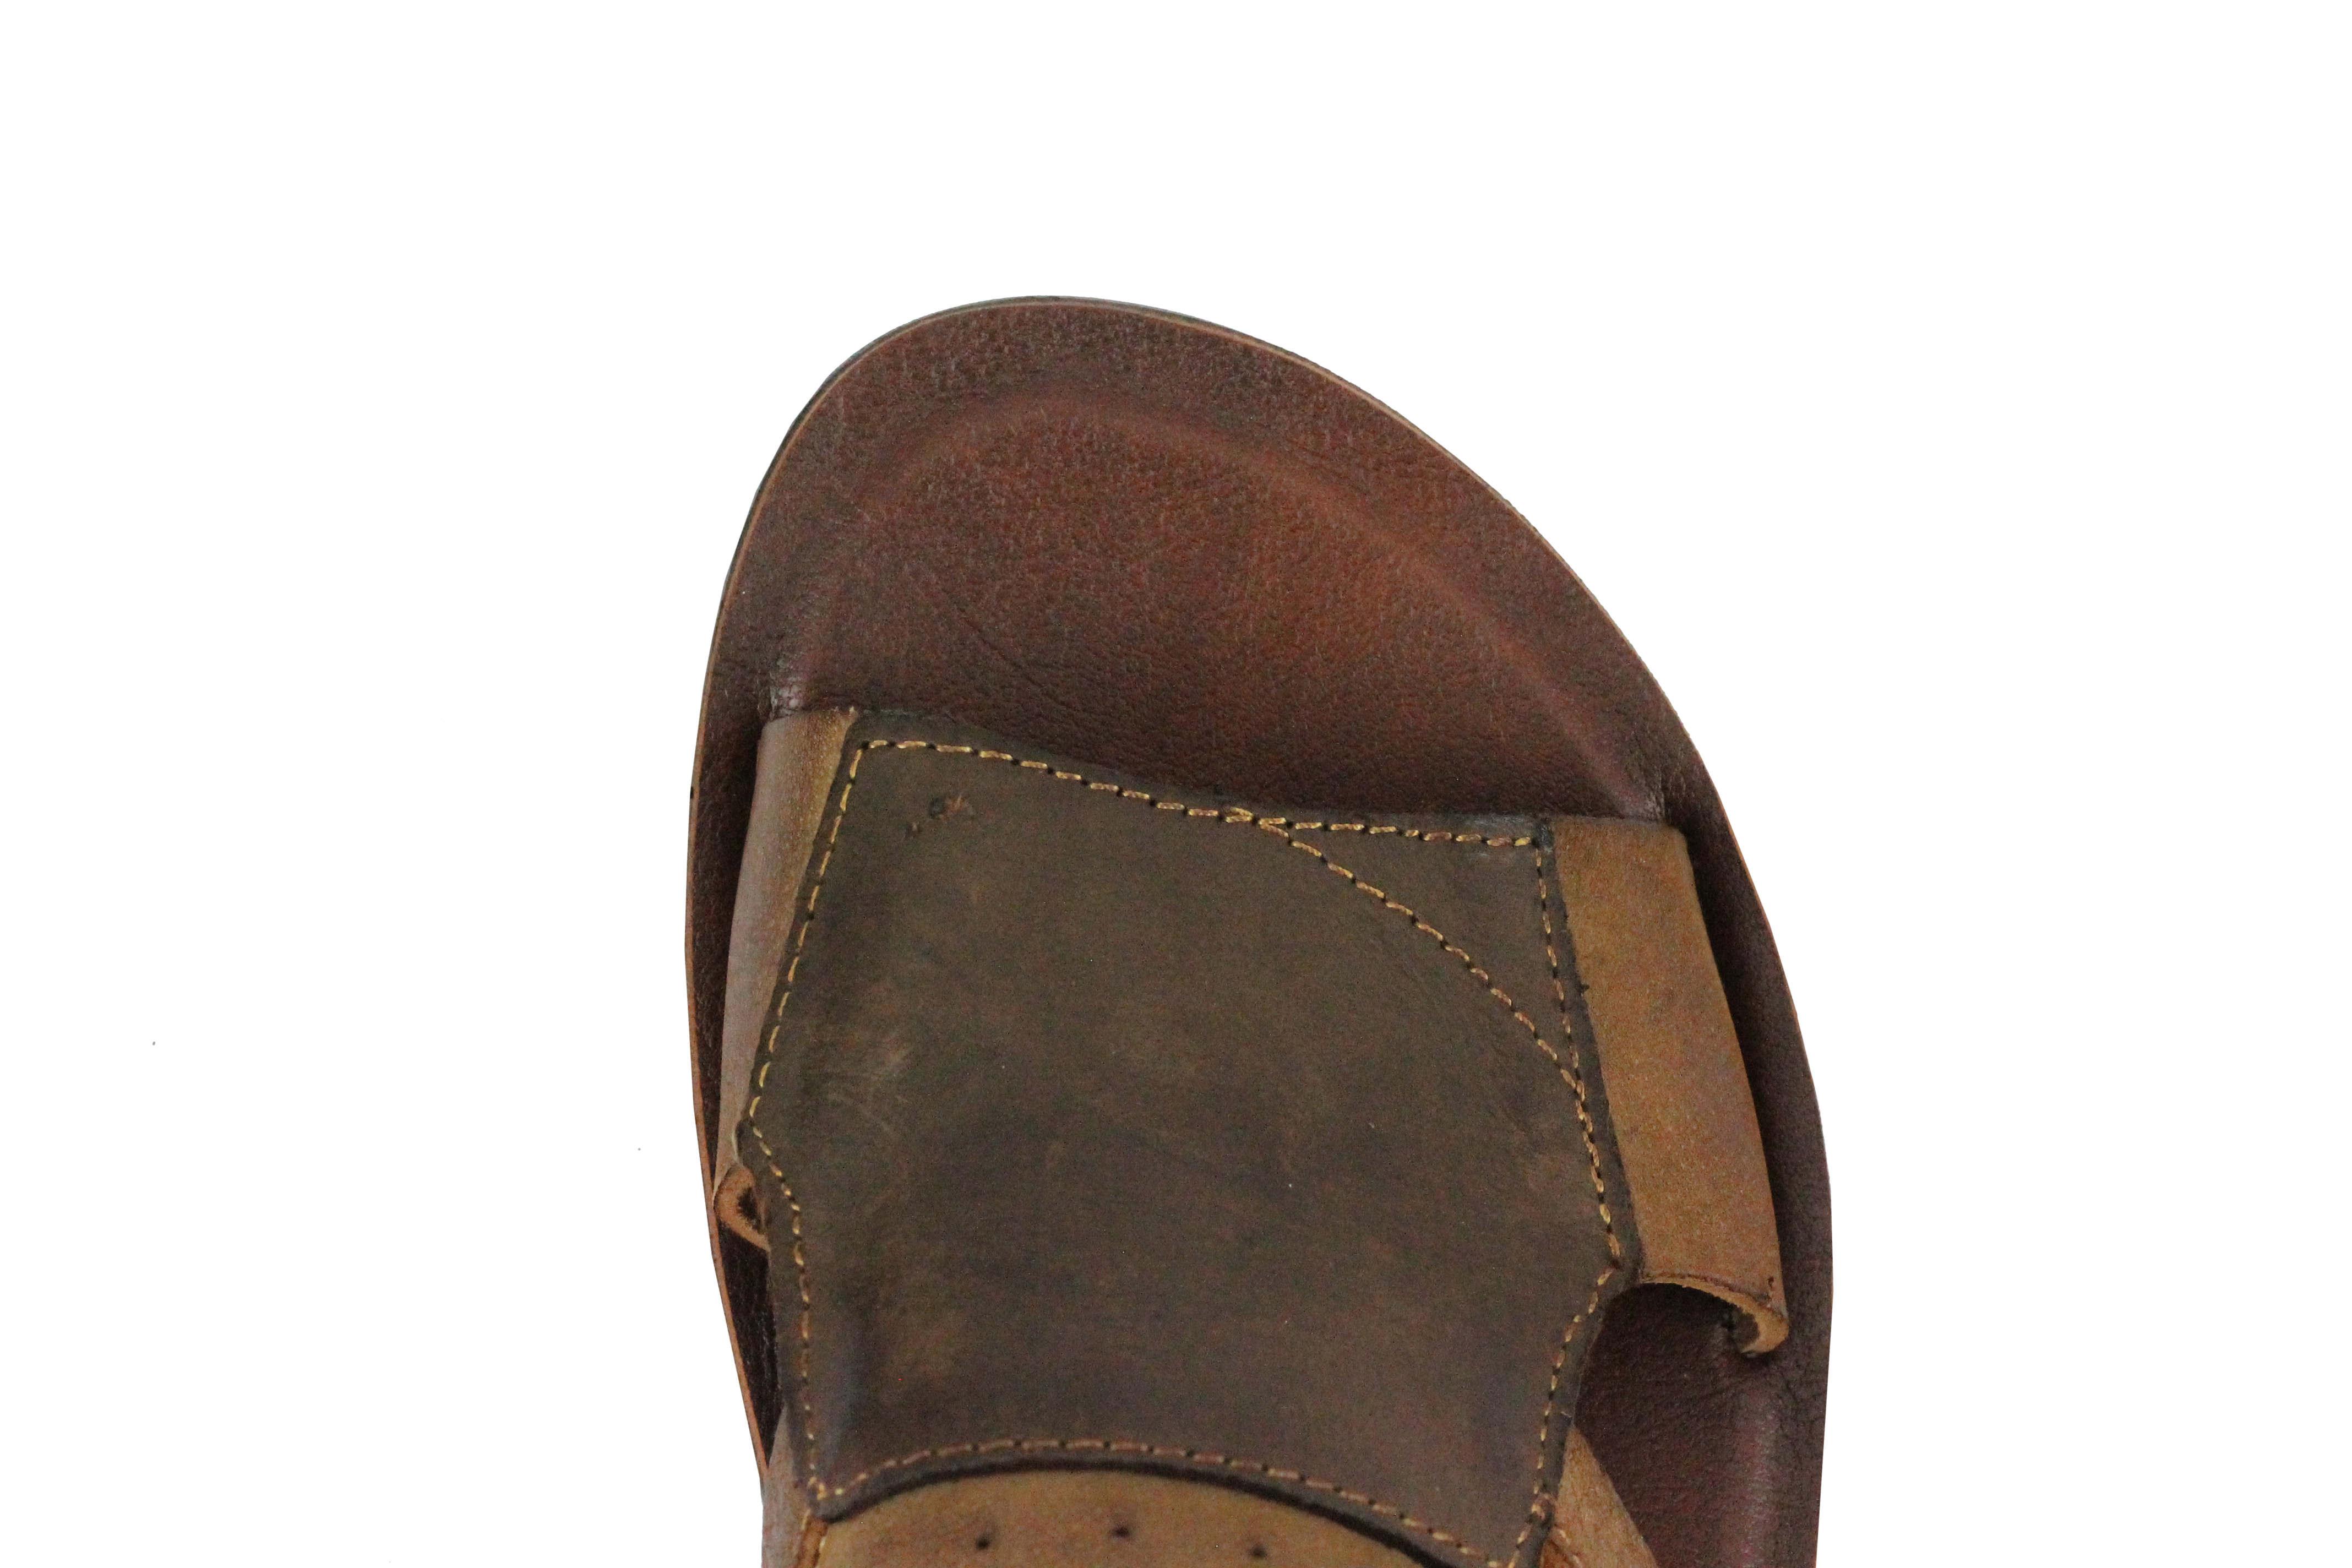 Para hombres Cuero Genuino Real Sandalias Marrón Zapatos Para Caminar Verano Correa Ajustable